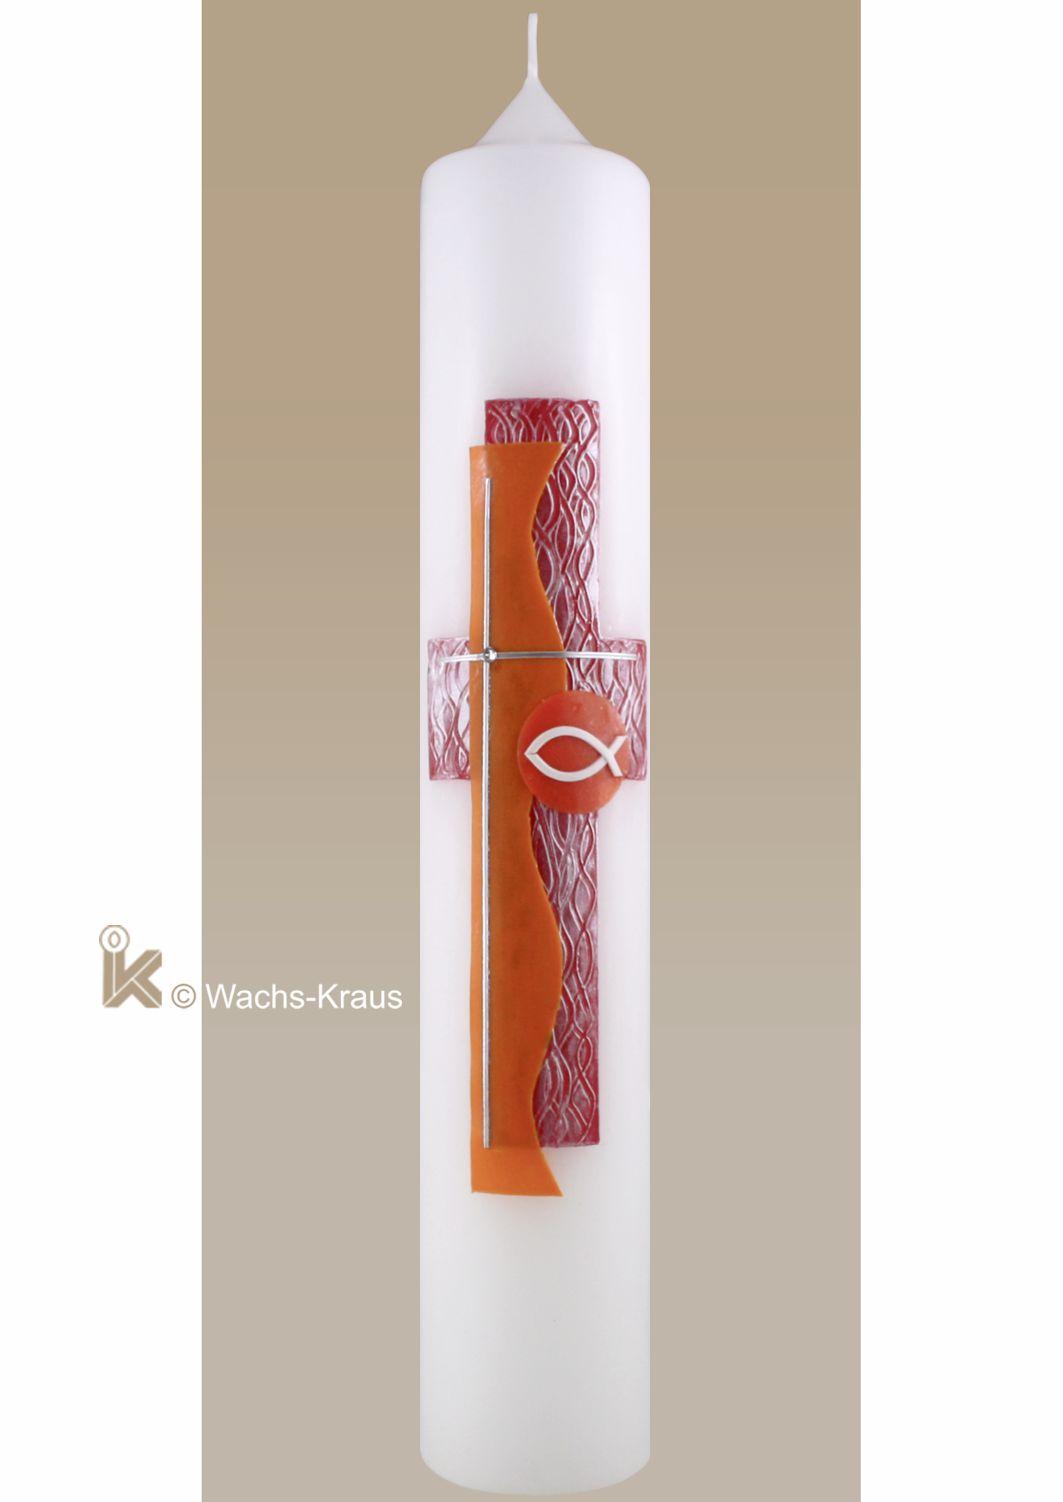 Taufkerze modern, rot-orange, Kreuz Fisch aus unserer Meisterwerkstatt